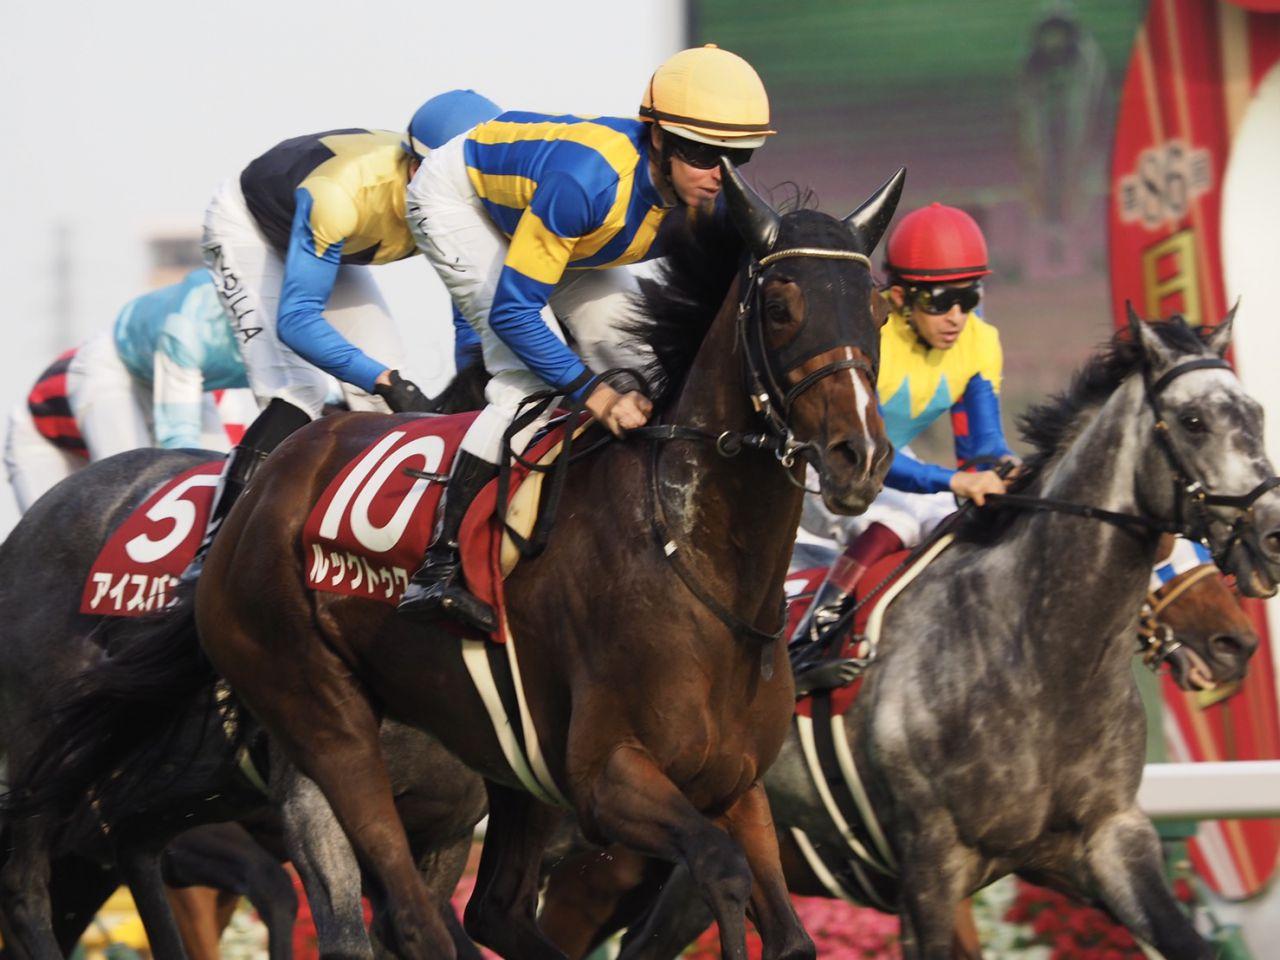 ルックトゥワイス号が競走馬登録抹消